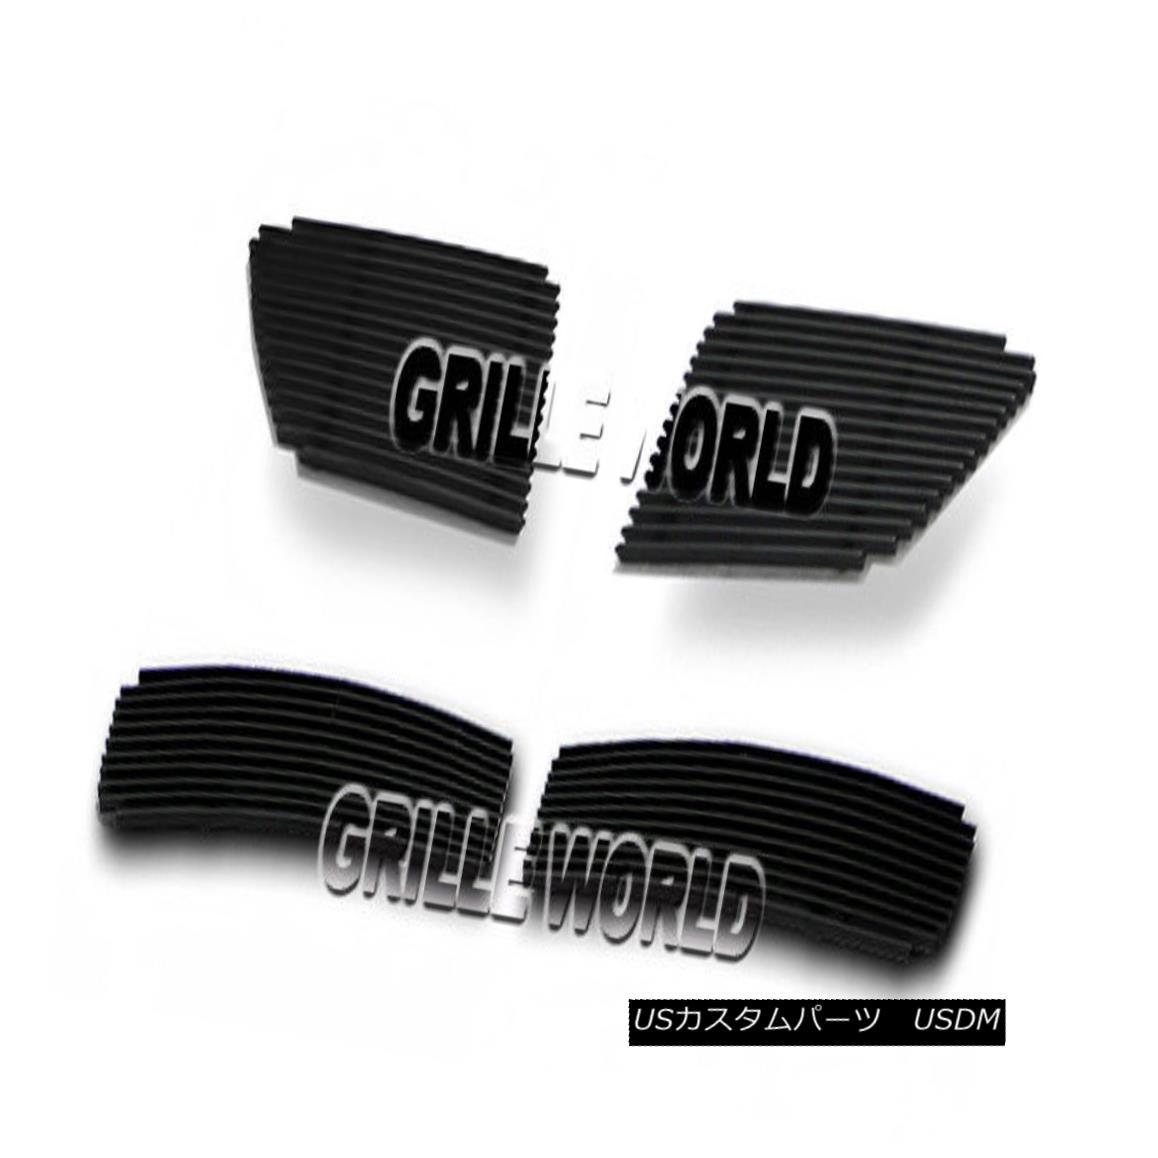 グリル For 08-09 Pontiac G8 Black Billet Premium Grille Insert Combo 08-09ポンティアックG8ブラックビレットプレミアムグリルインサートコンボ用